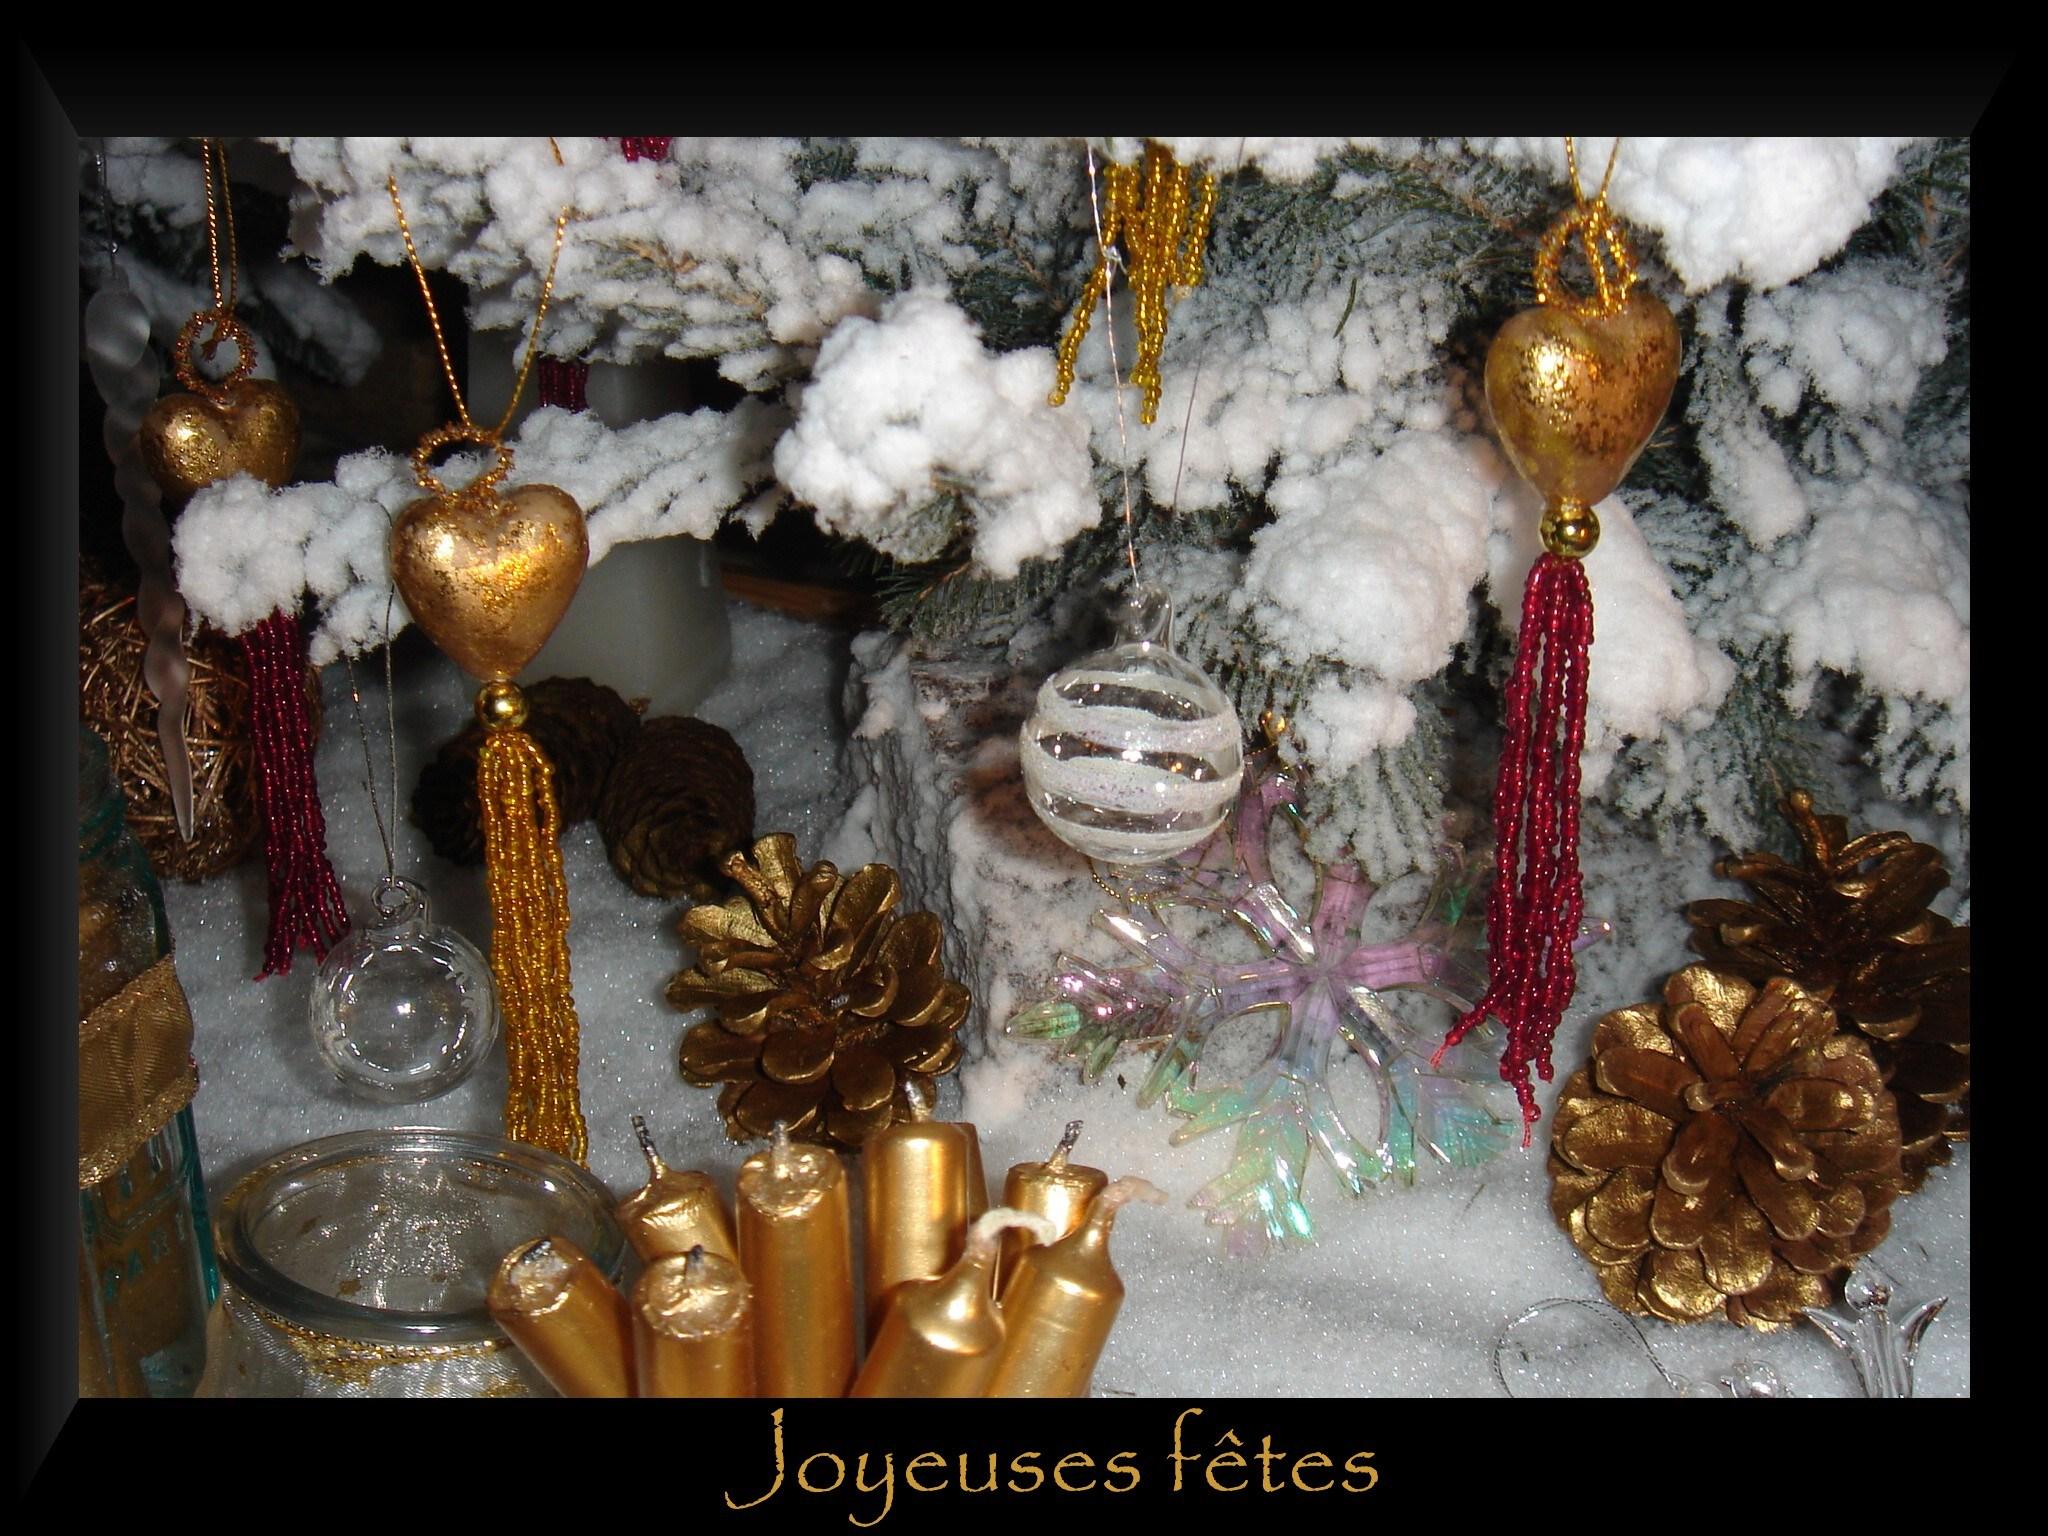 C'est Noël un peu de distraction sur le forum ? 2018-j10